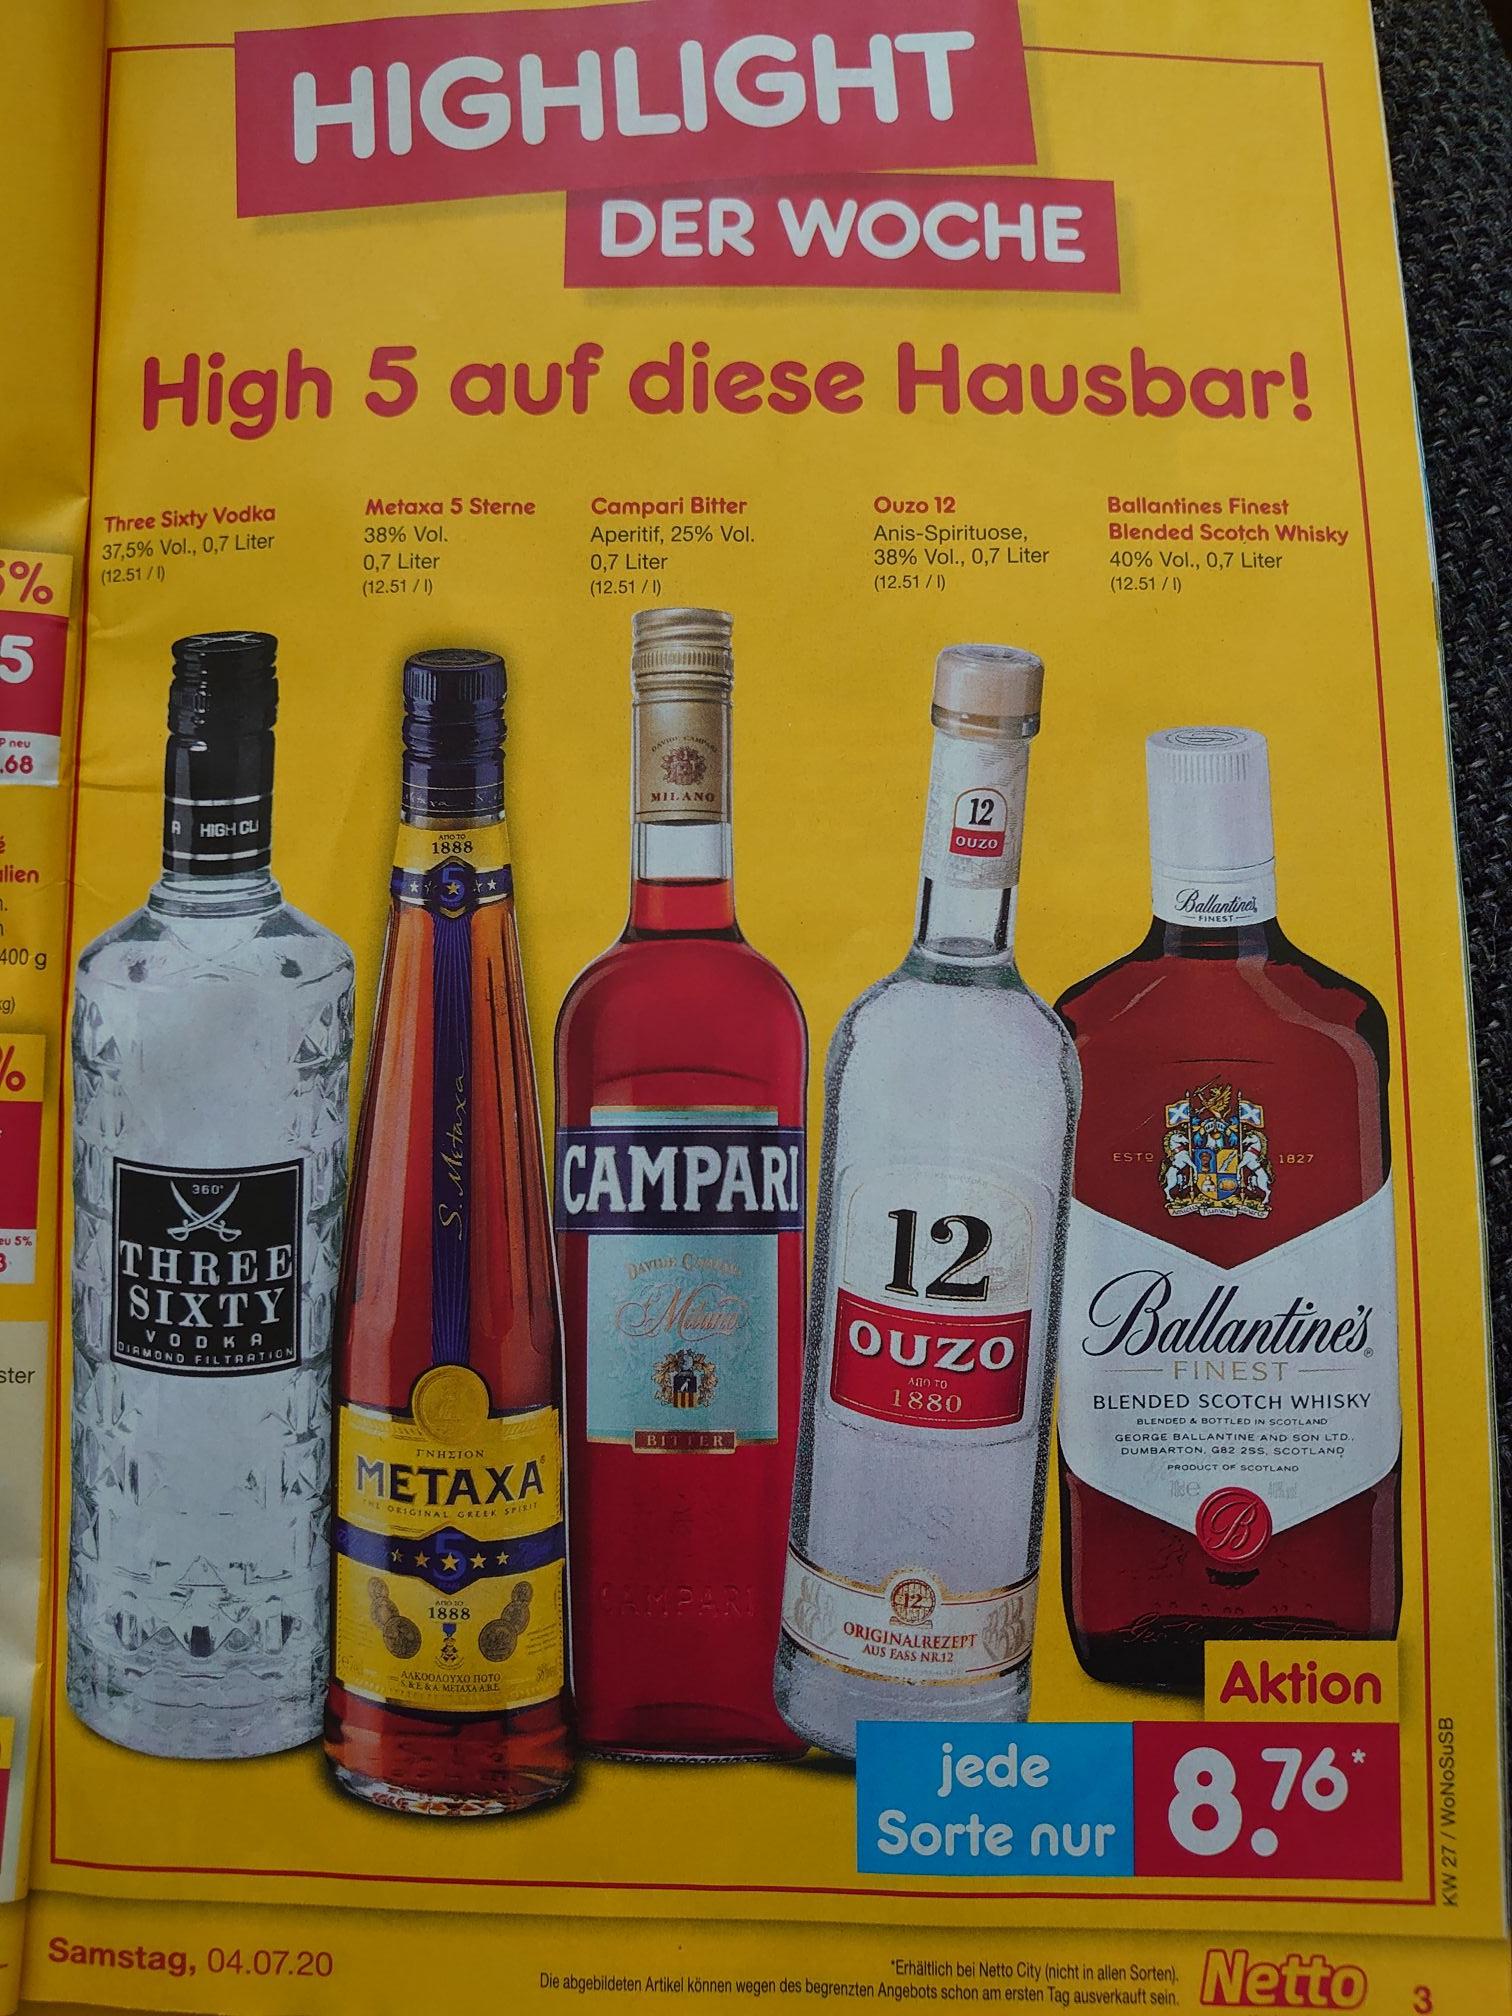 Three Sixty Vodka 0,7L für 8,76€ ab Montag, den 29.06.20 bei Netto